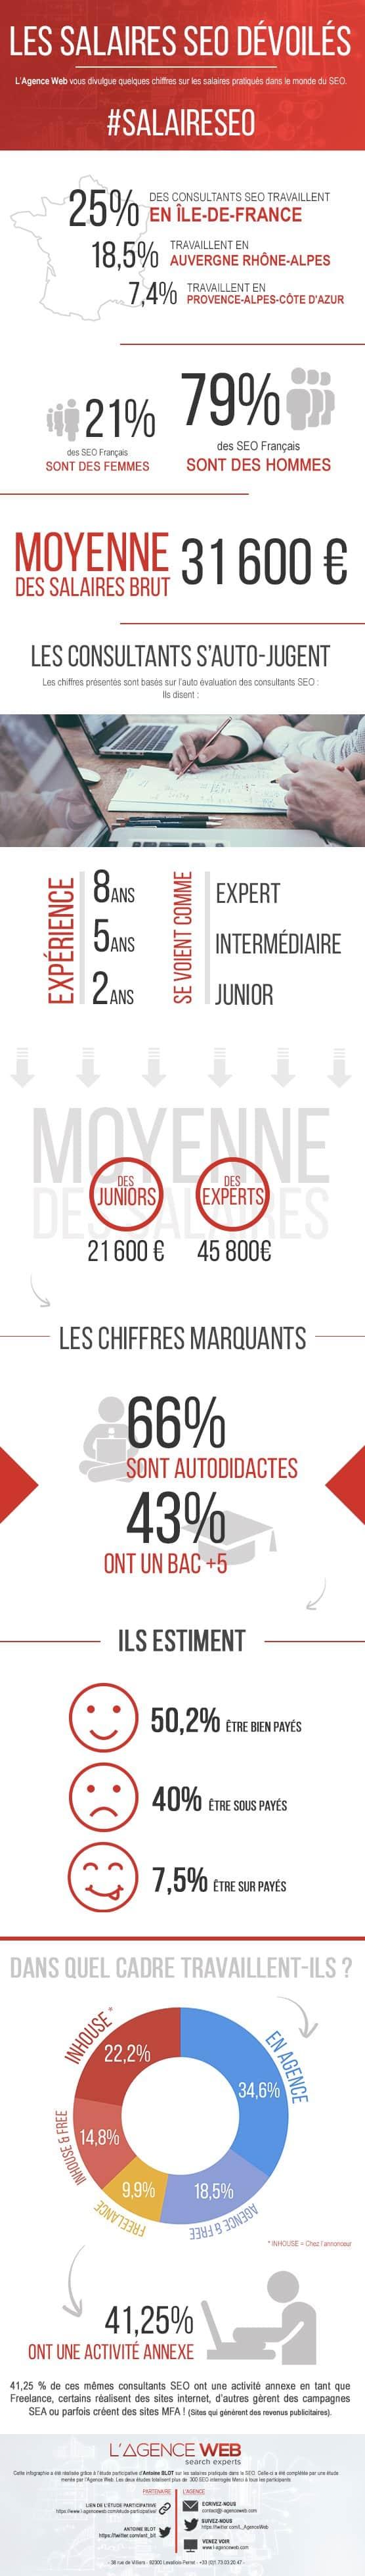 Infographie : Les salaires des SEO en France